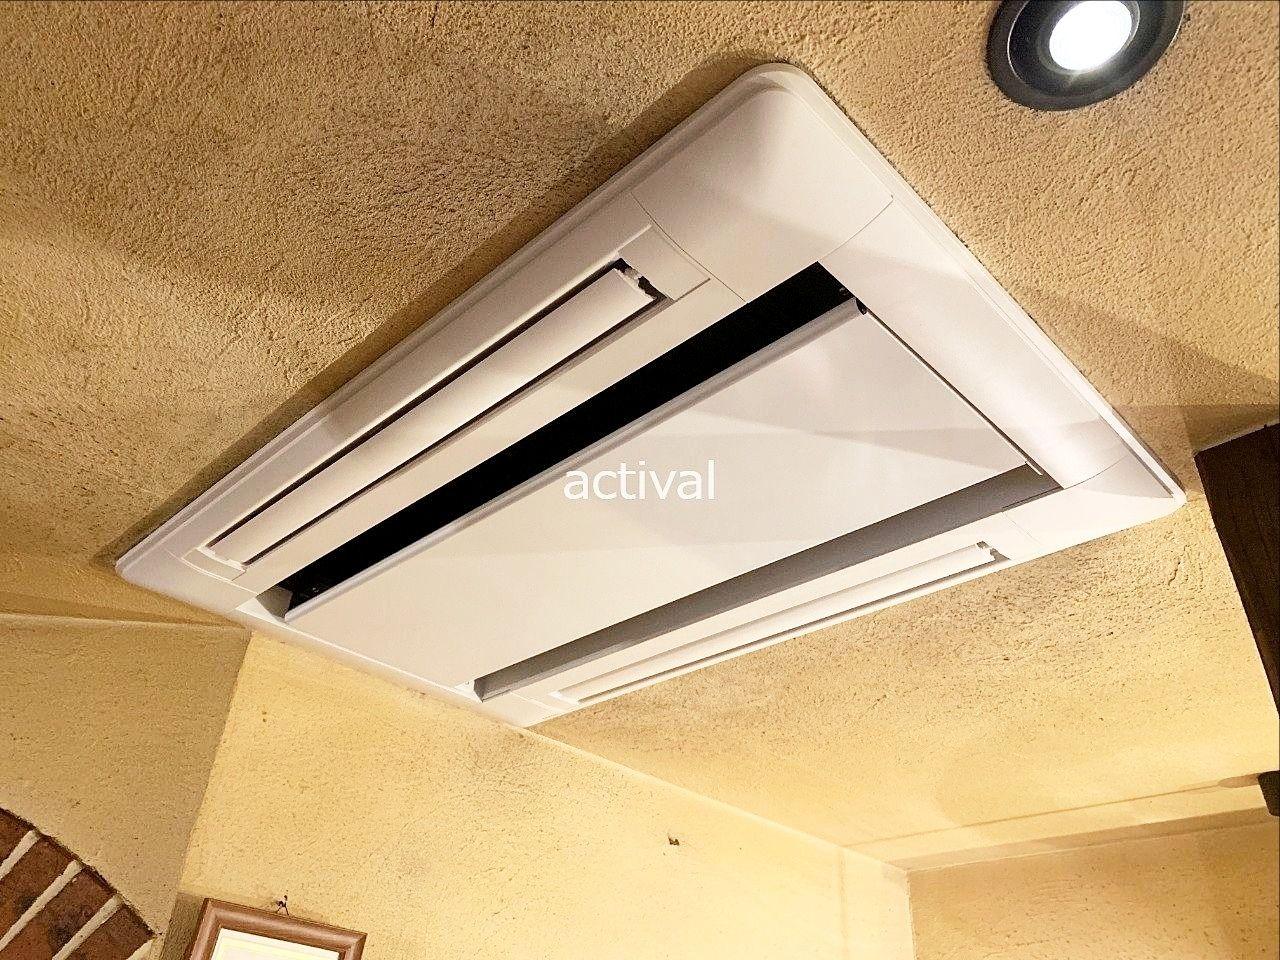 テナントのエアコン取り替え工事 ~テナントビルのオーナー業務⑮~